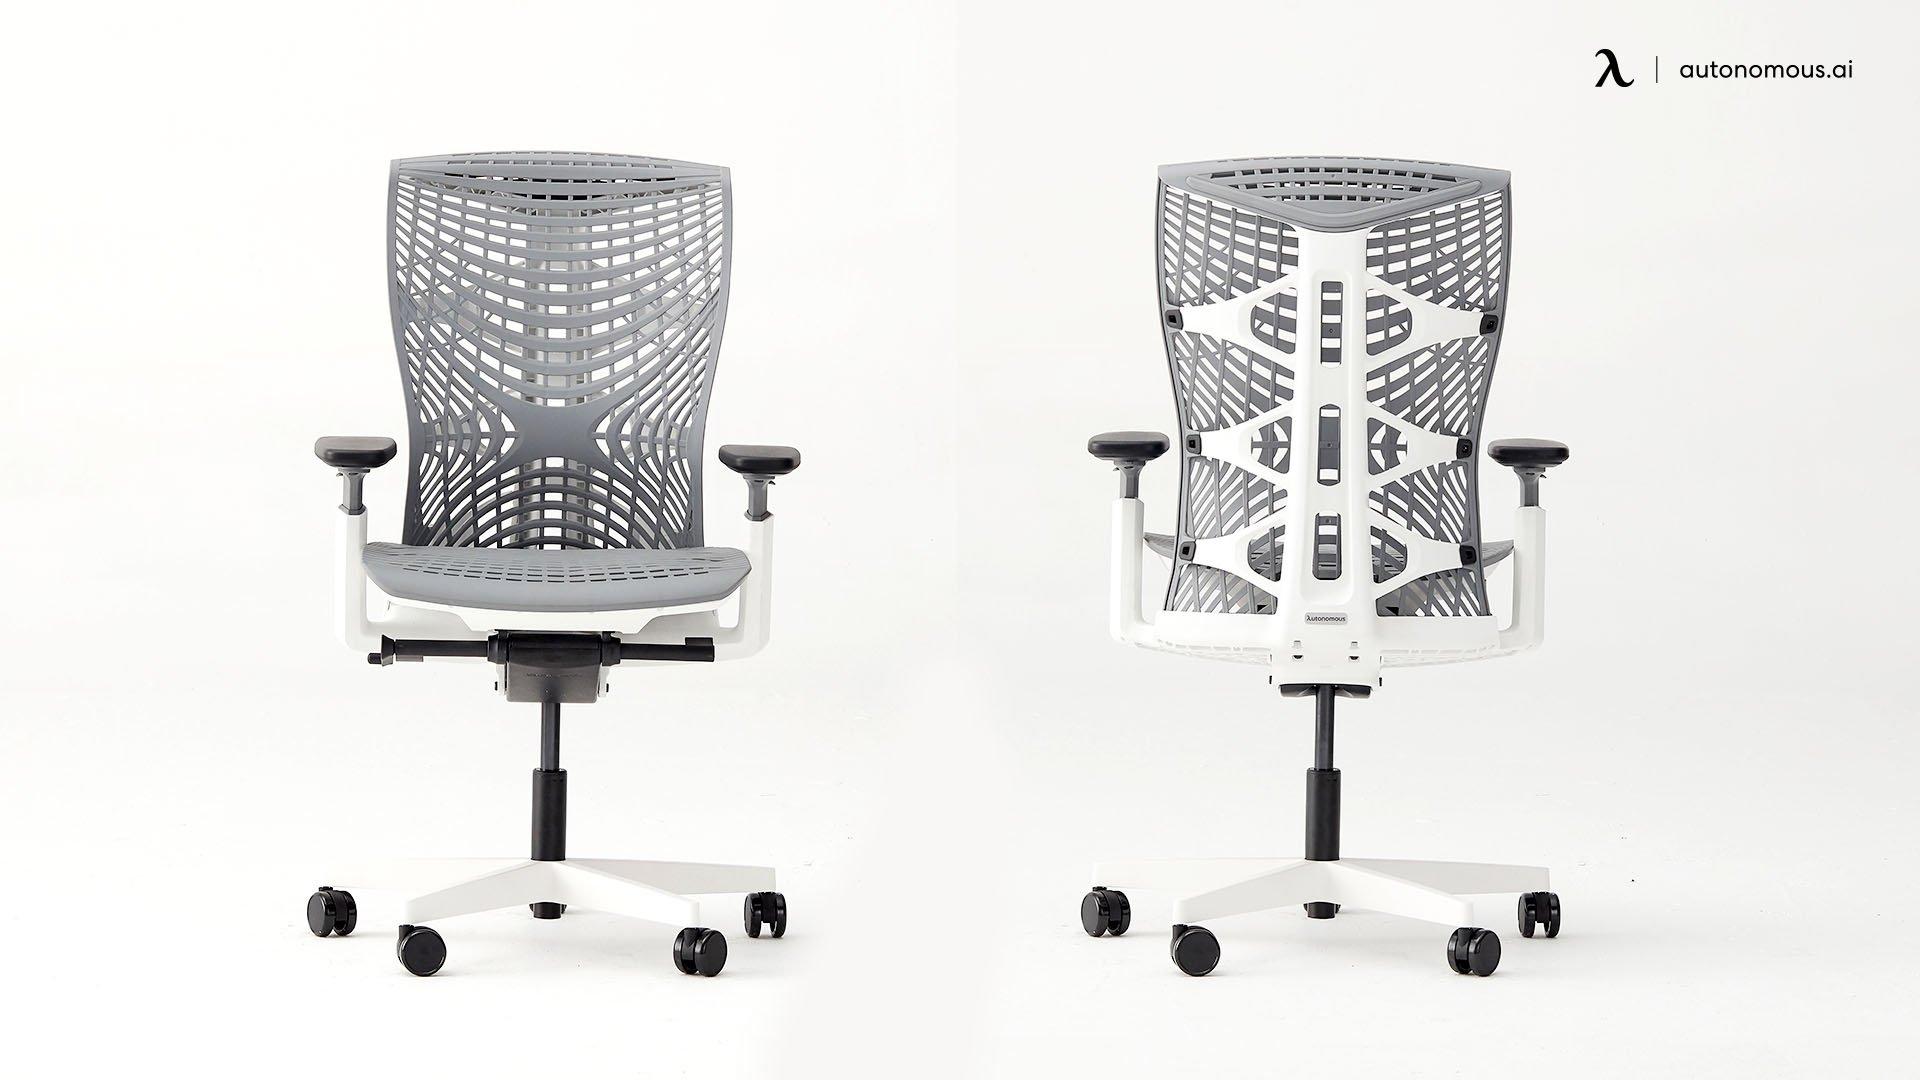 The Kinn Chair